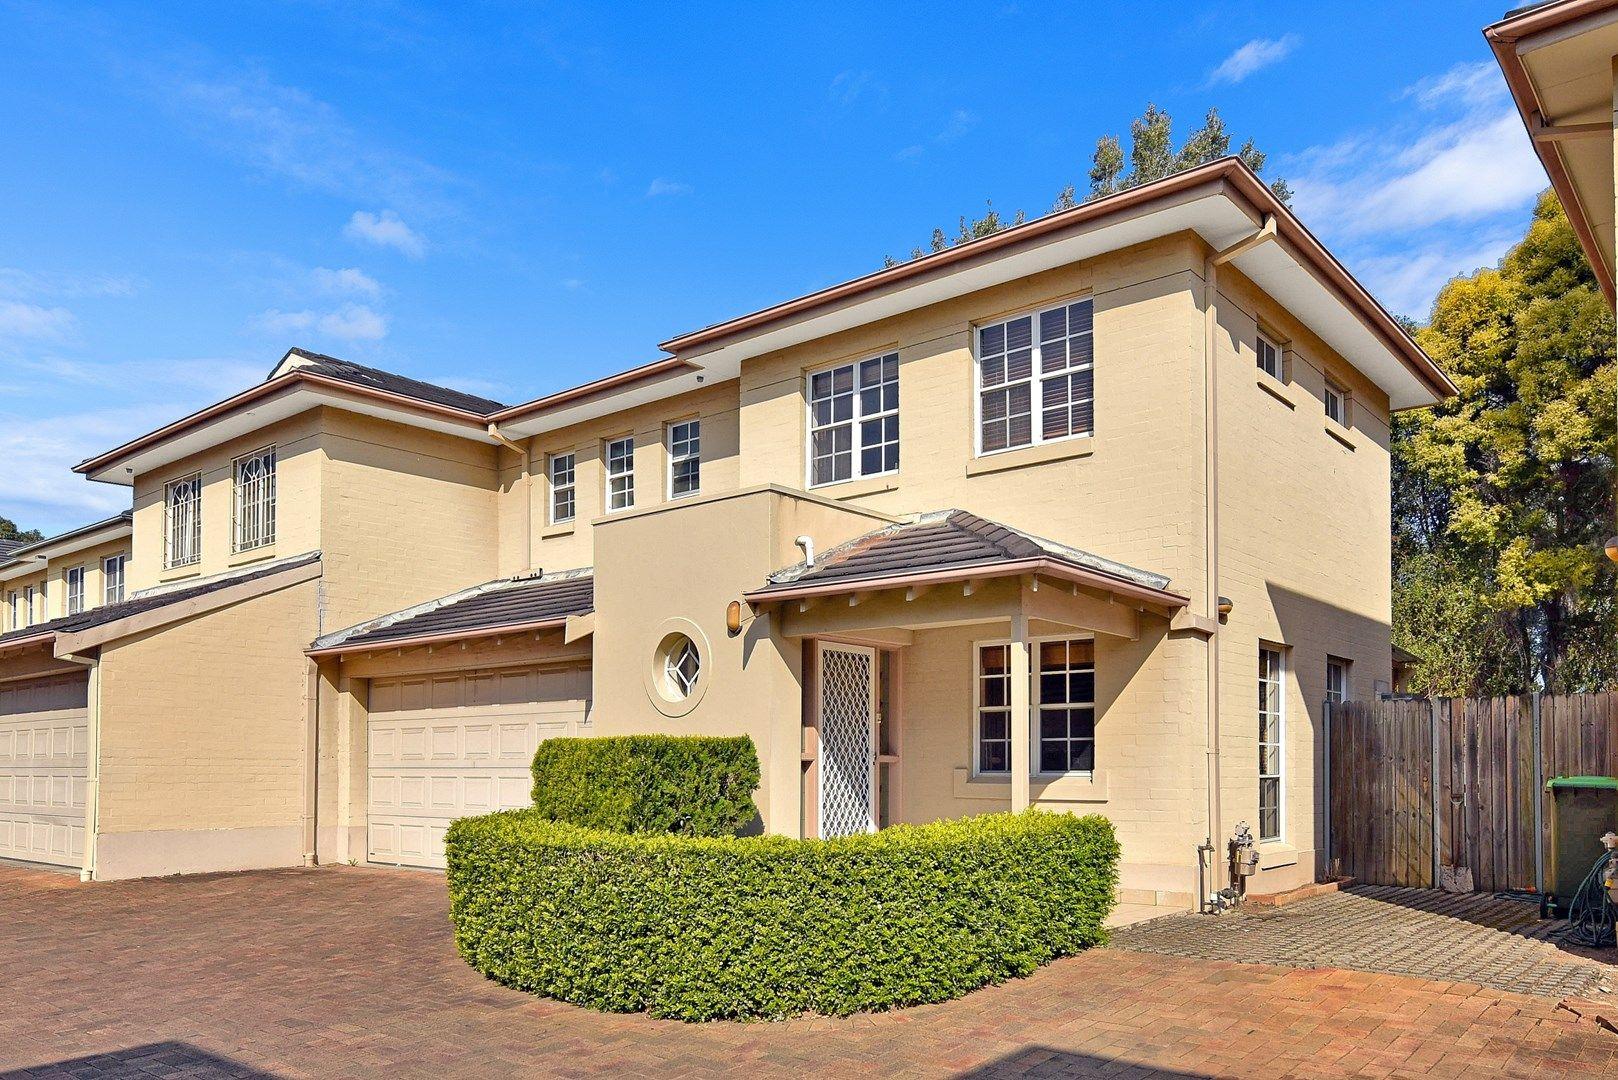 9/150 Dean  Street, Strathfield South NSW 2136, Image 0